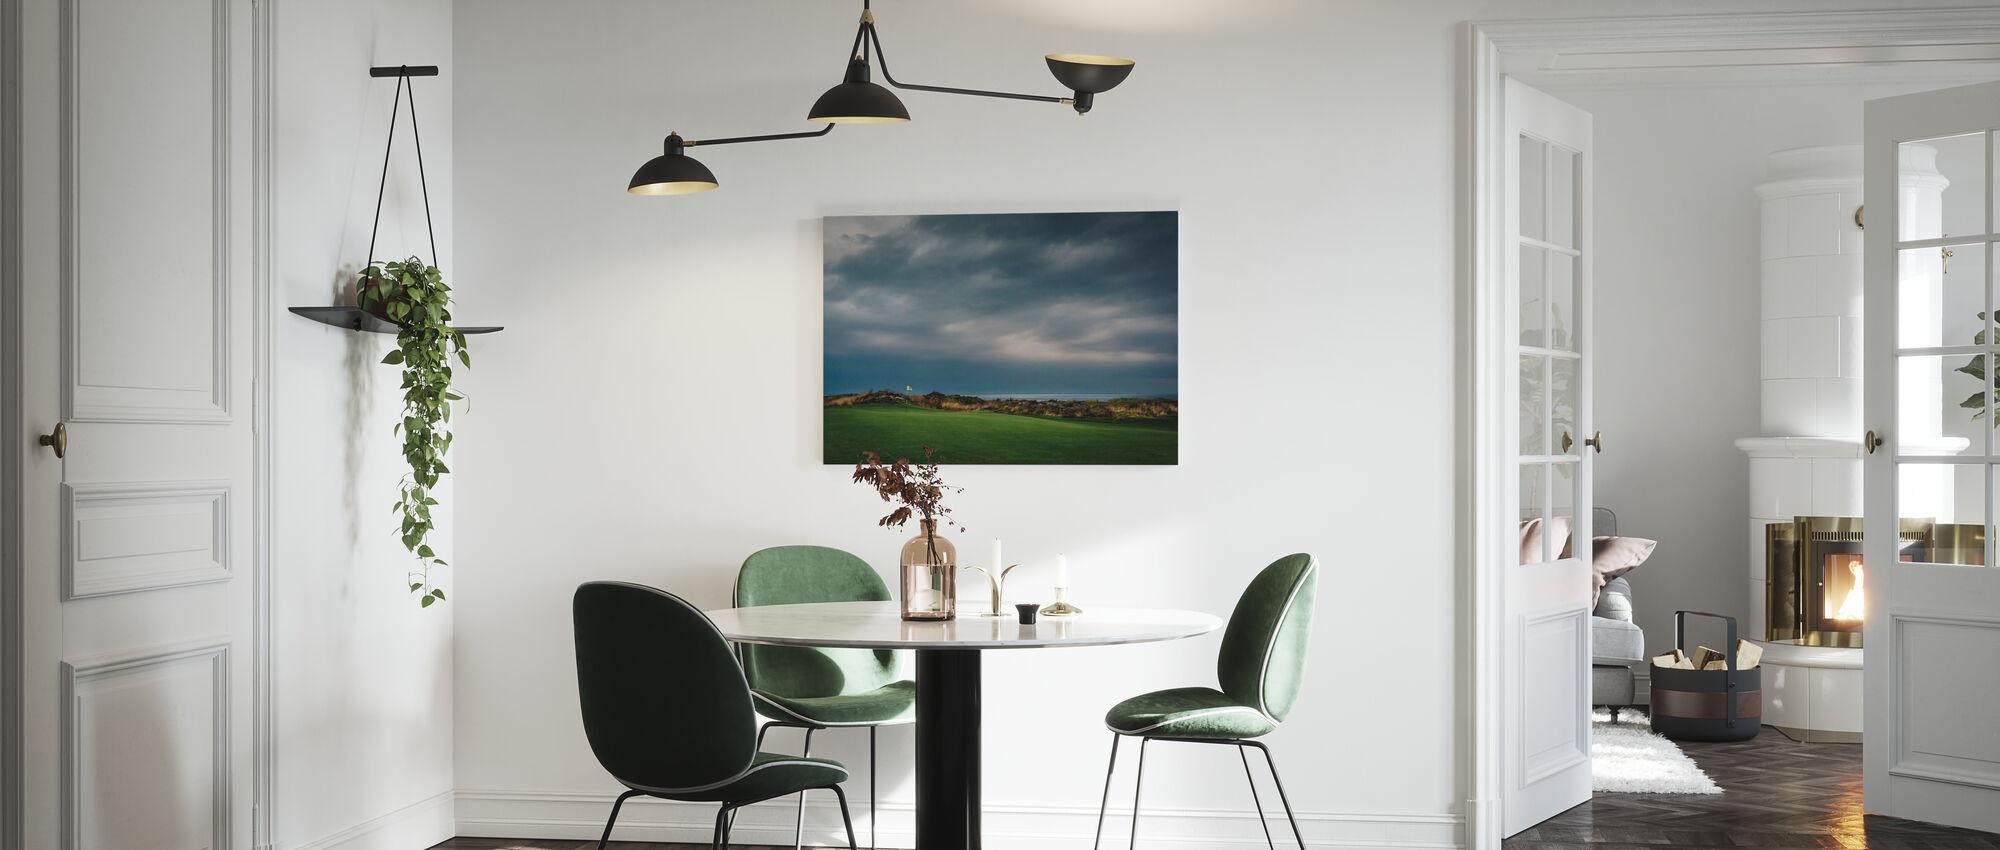 Golf Course in Lofoten, Norway - Canvas print - Kitchen